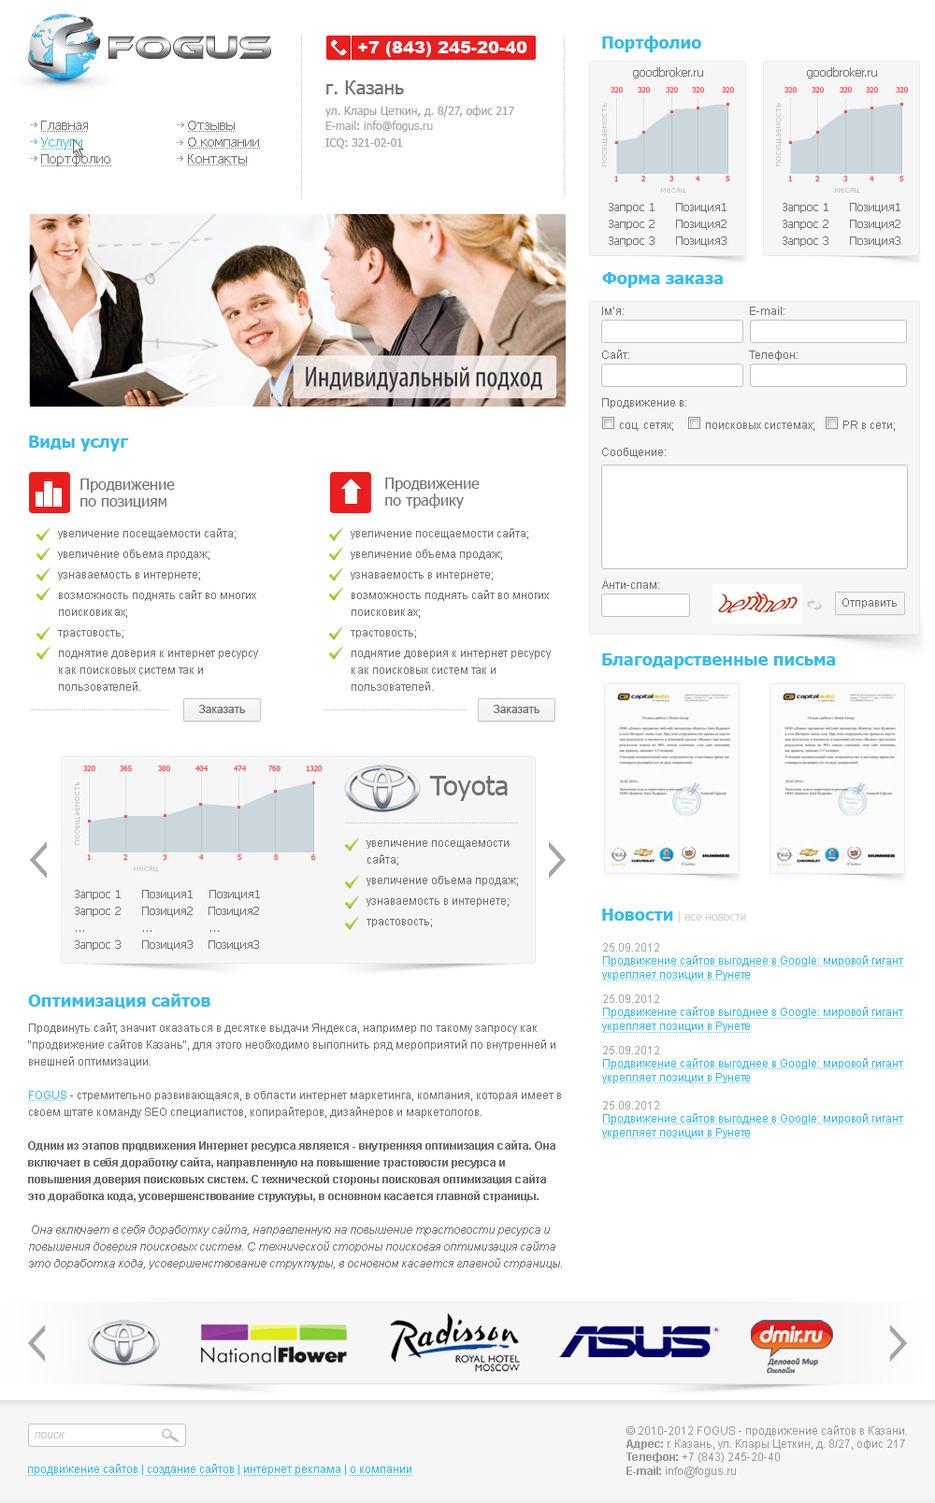 Оптимизация продвижение сайтов поисковых системах заказать продвижение сайтов короткие сроки.скорее к нам